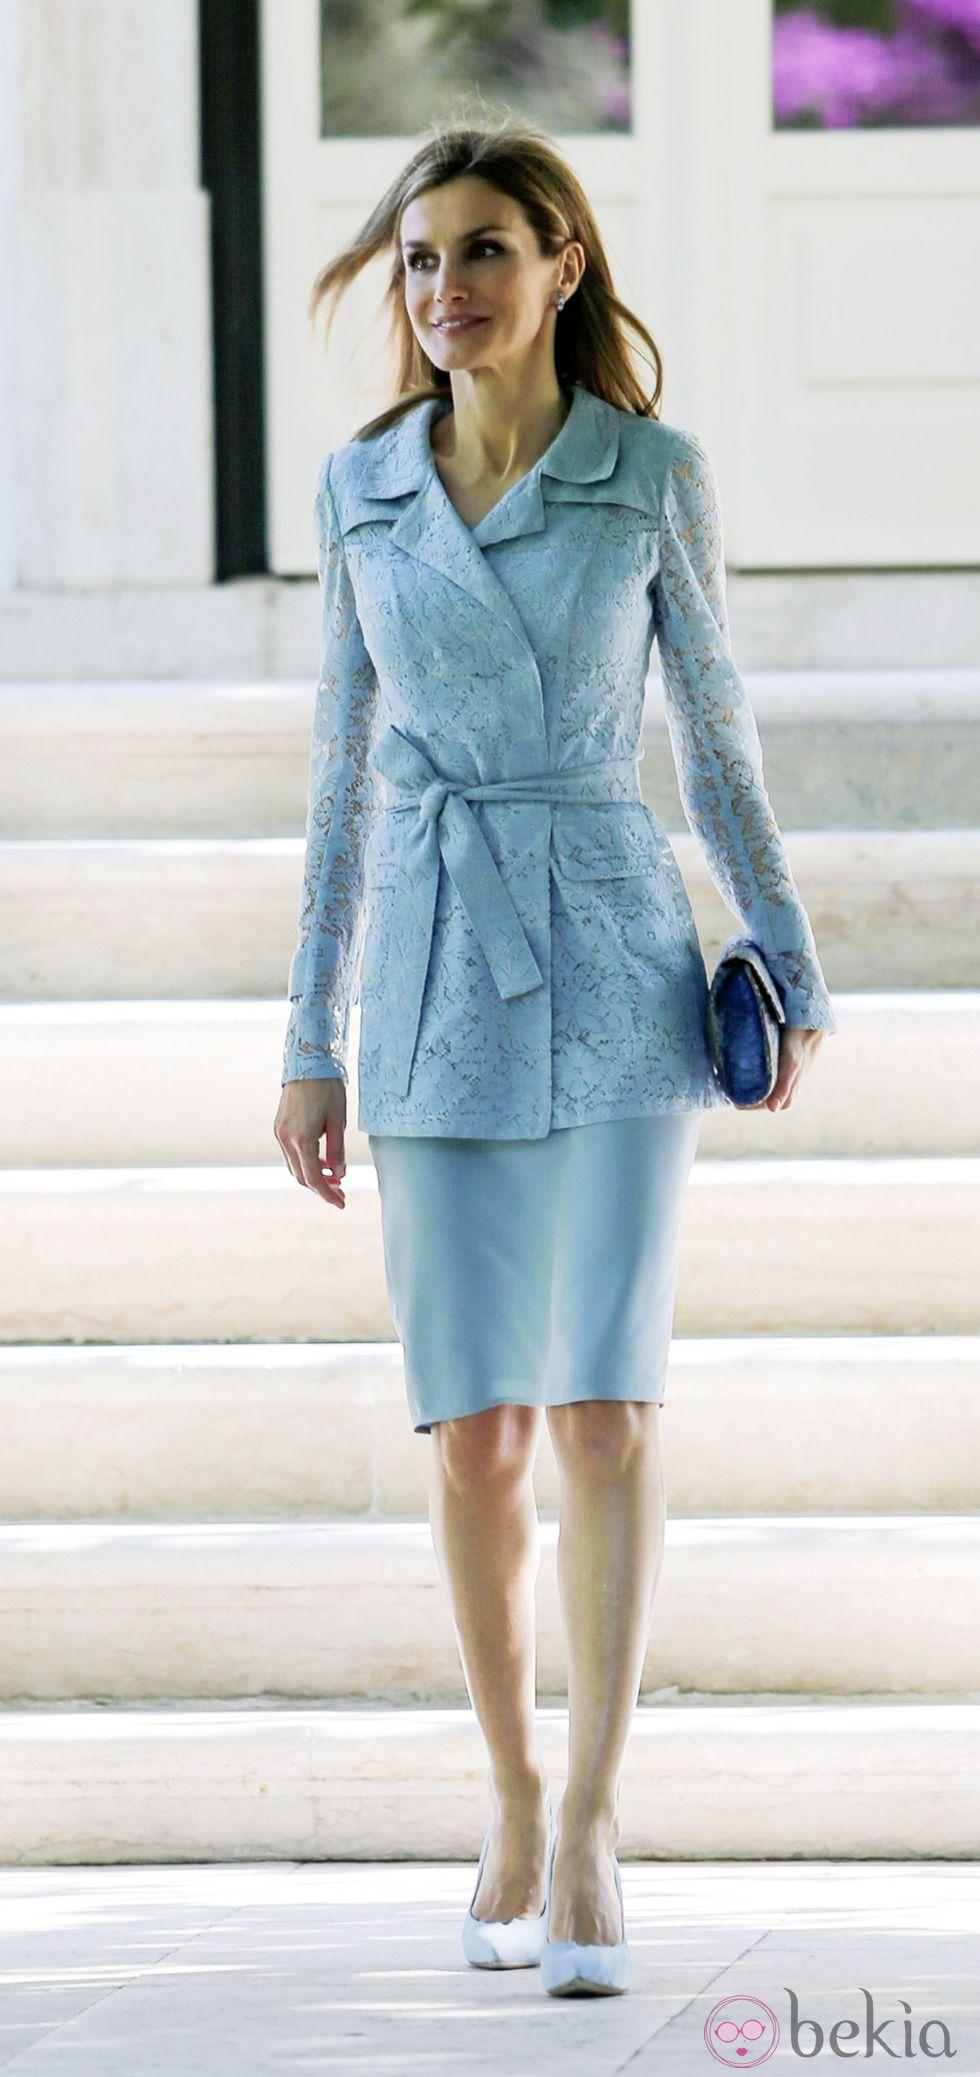 La Reina Letizia con vestido azul y chaqueta de encaje en su visita a  Lisboa 8f60d08321a